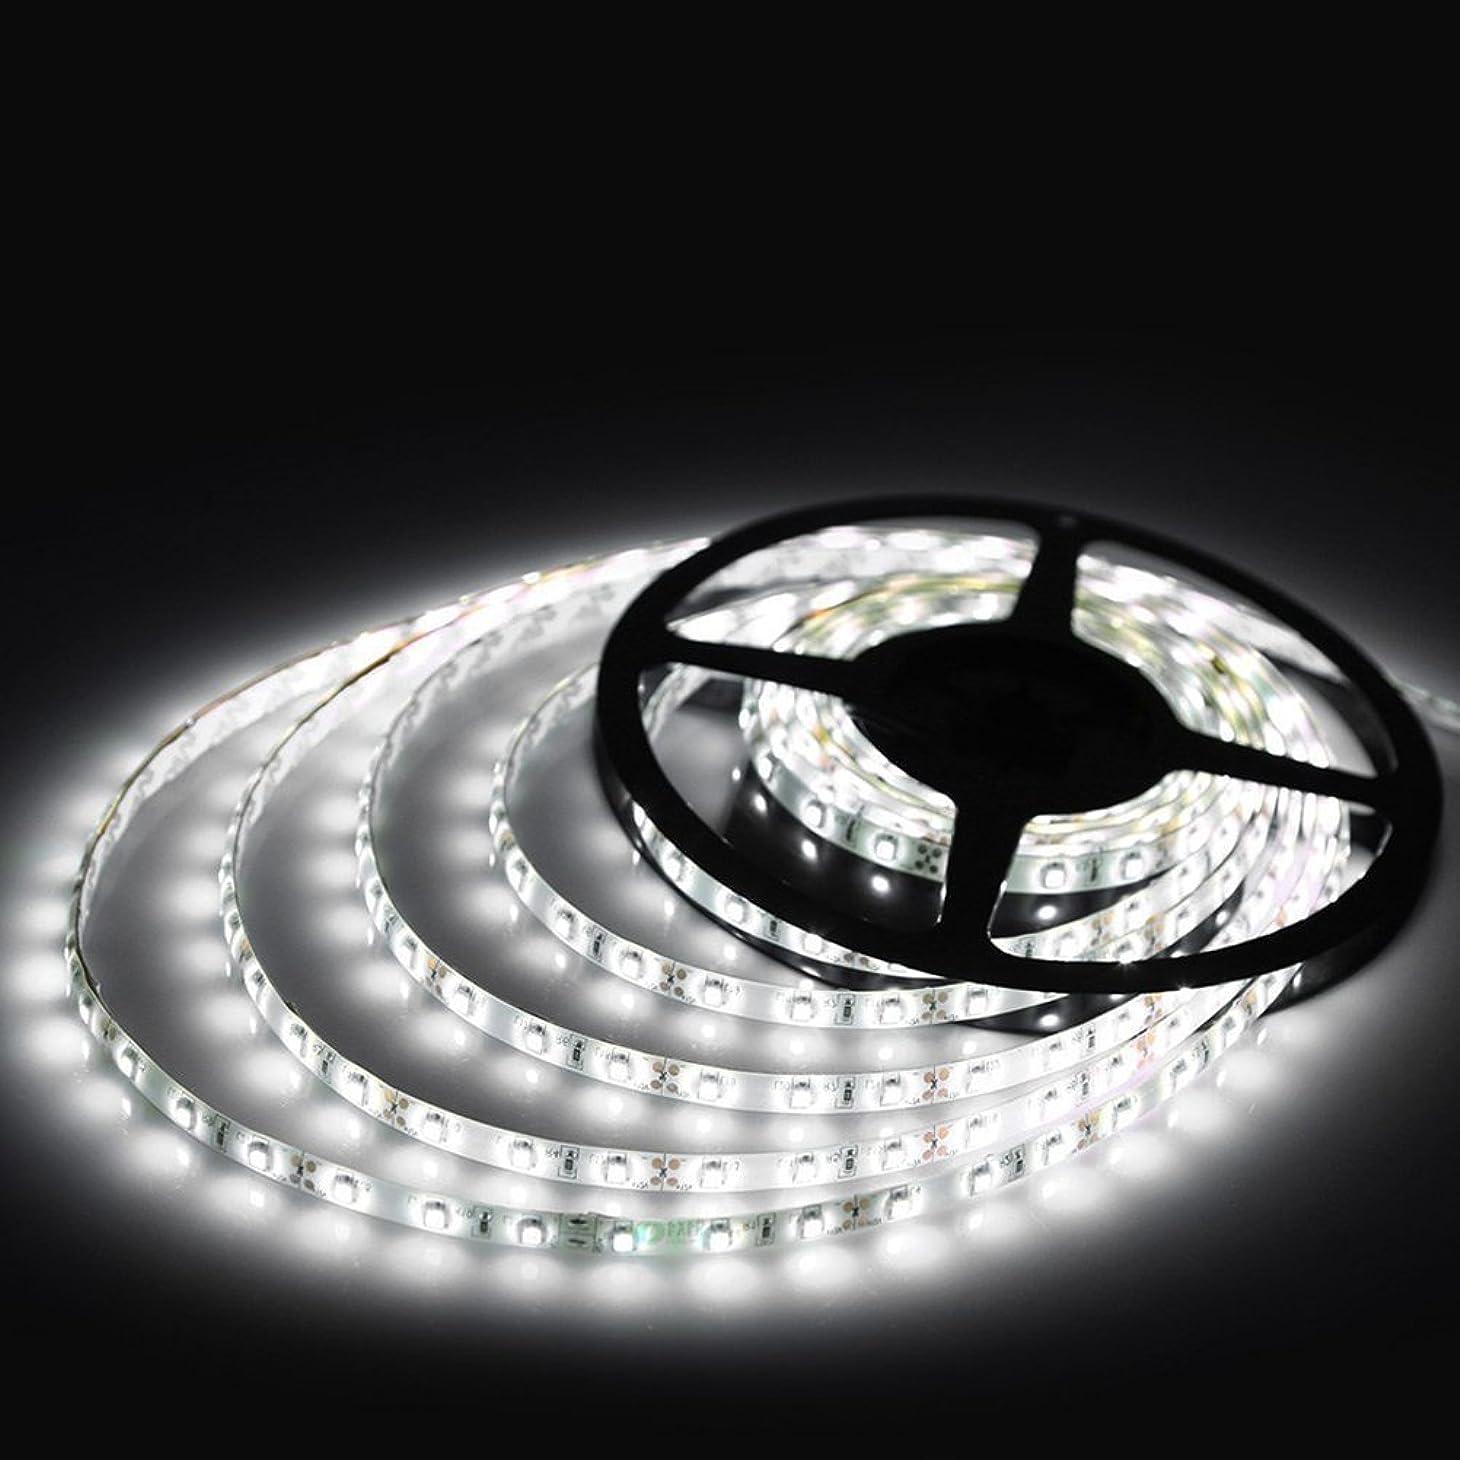 クルーズ消化有益12V高輝度LEDテープライト SMD 2835 3528 5M 300連 強力粘着両面テープ 正面発光防水仕様IP65 切断可能 (ホワイト)